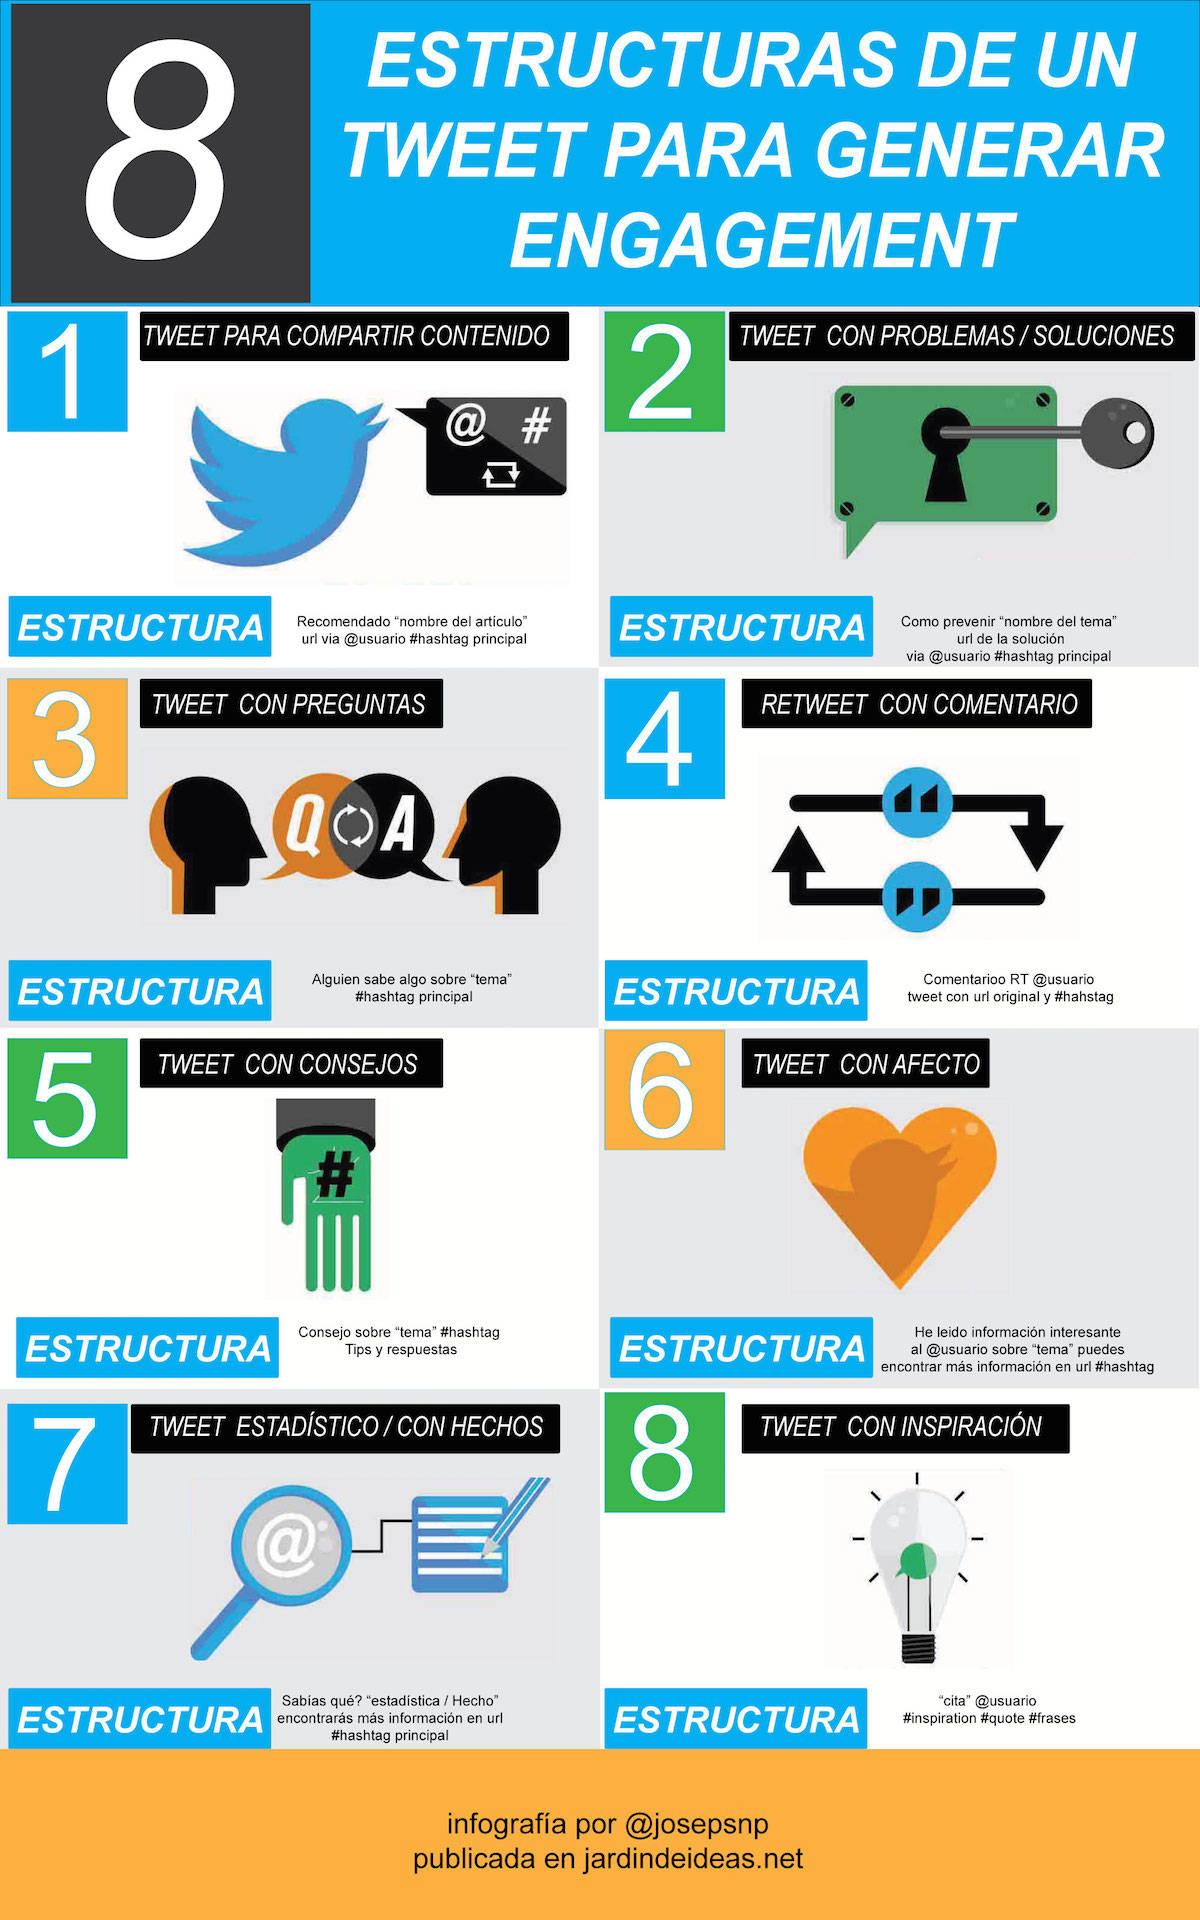 estructuras de un tweet